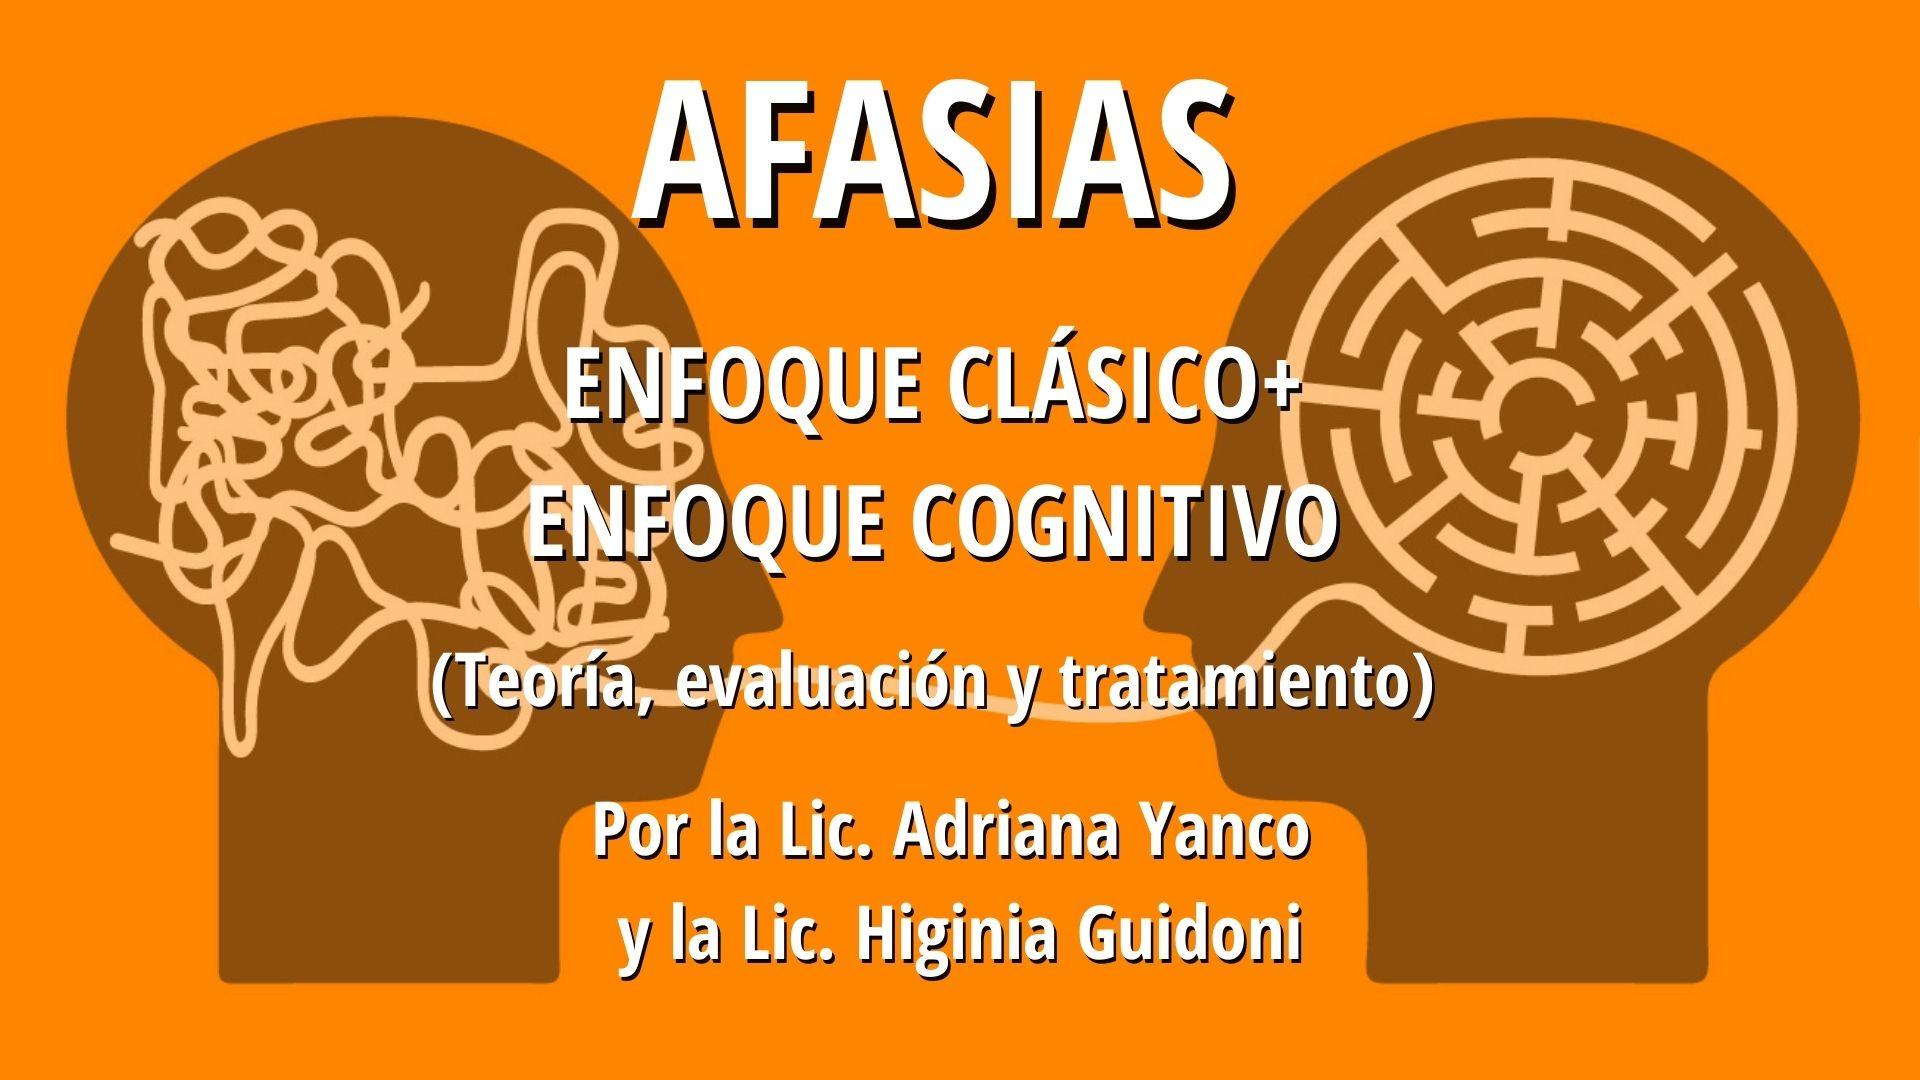 AFASIAS –  ENFOQUE CLÁSICO + ENFOQUE COGNITIVO (Teoría, evaluación y tratamiento)